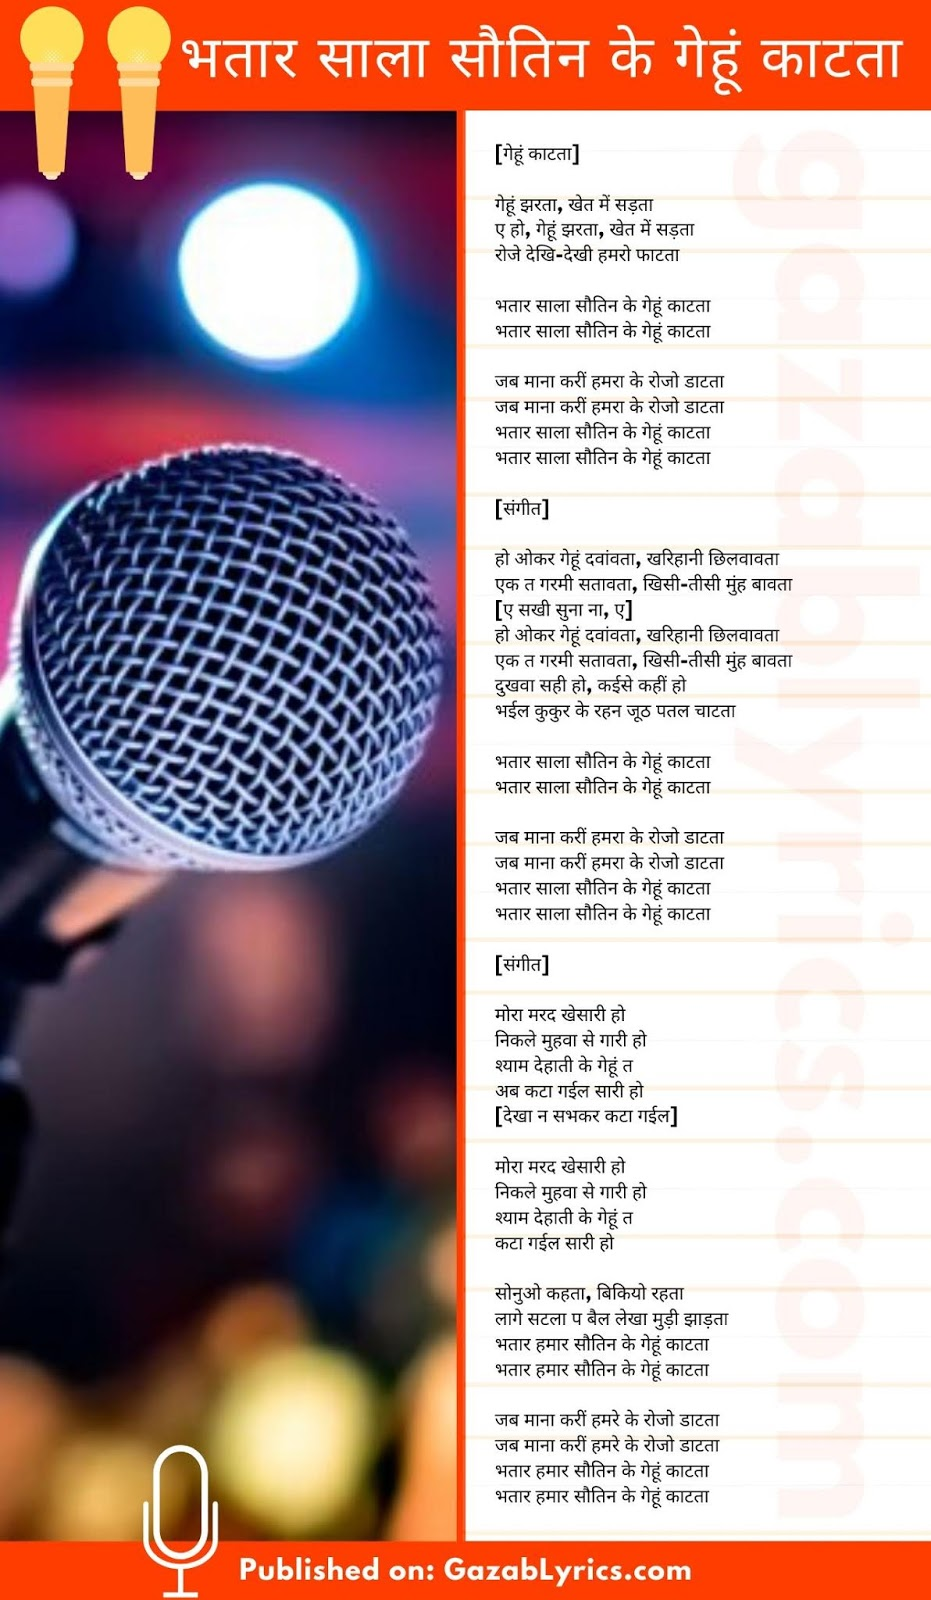 Bhatar Sala Sautin Ke Gehu Katata song lyrics image